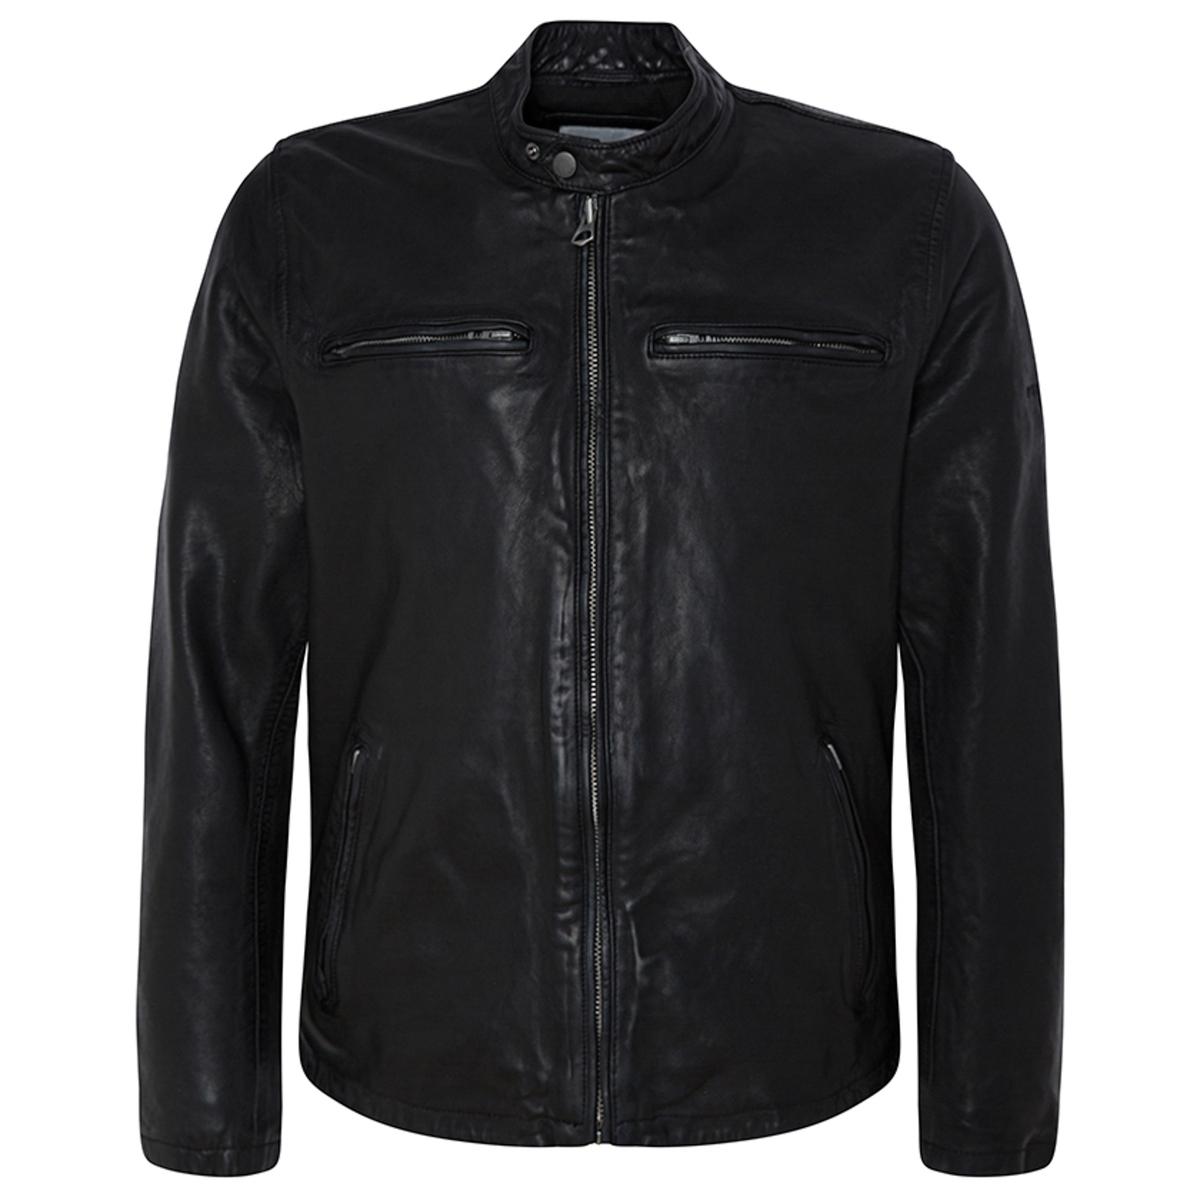 Блузон La Redoute Кожаный в байкерском стиле Dannys S черный блузон la redoute в байкерском стиле ozone s черный